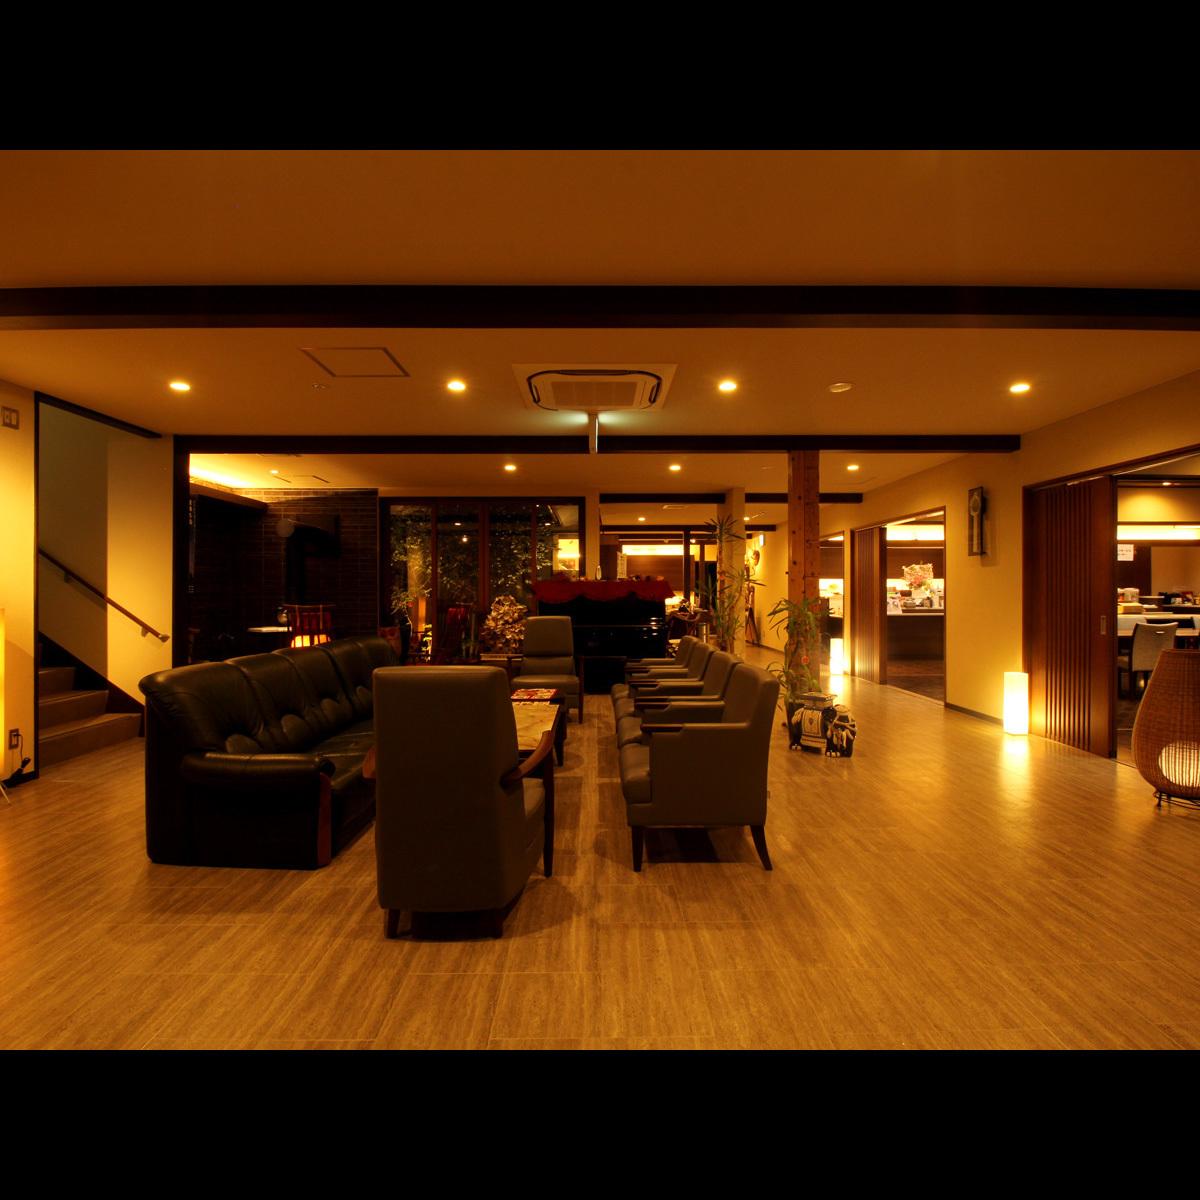 島の宿 気仙沼大島 旅館 明海荘 関連画像 7枚目 楽天トラベル提供